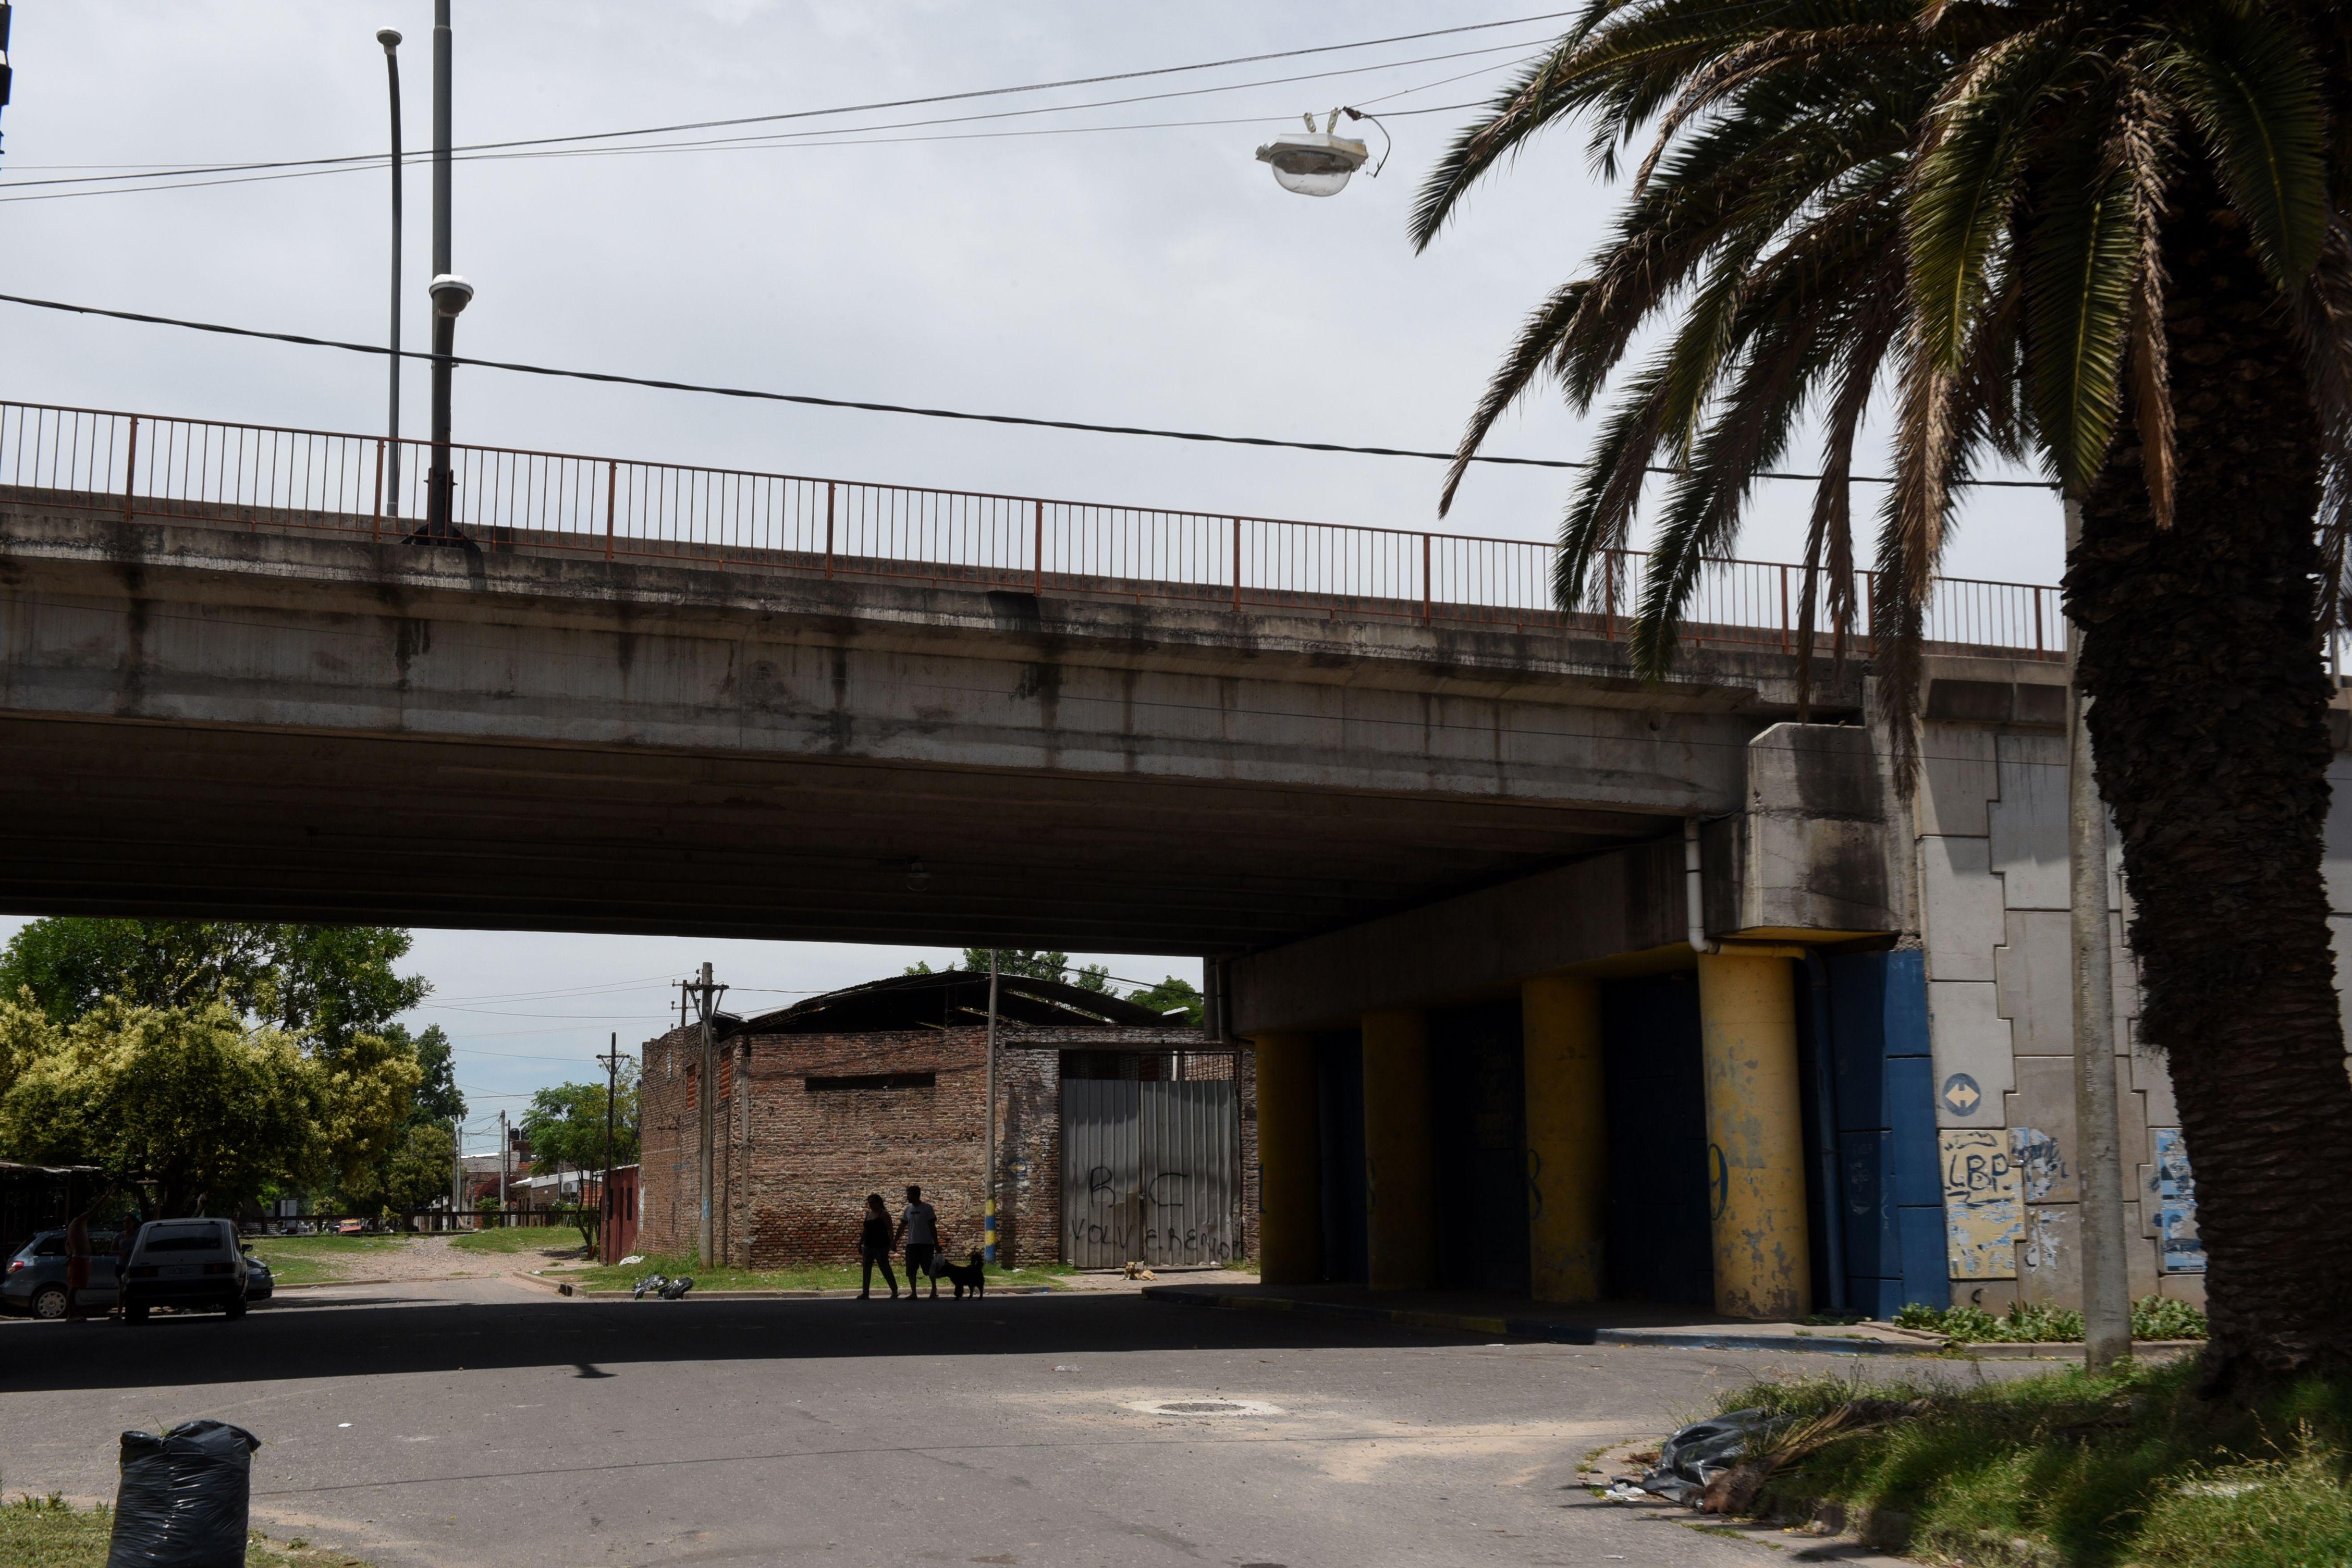 Bajo el puente. La persecusión terminó debajo del viaducto Che Guevara. (Celina Mutti Lovera / La Capital)